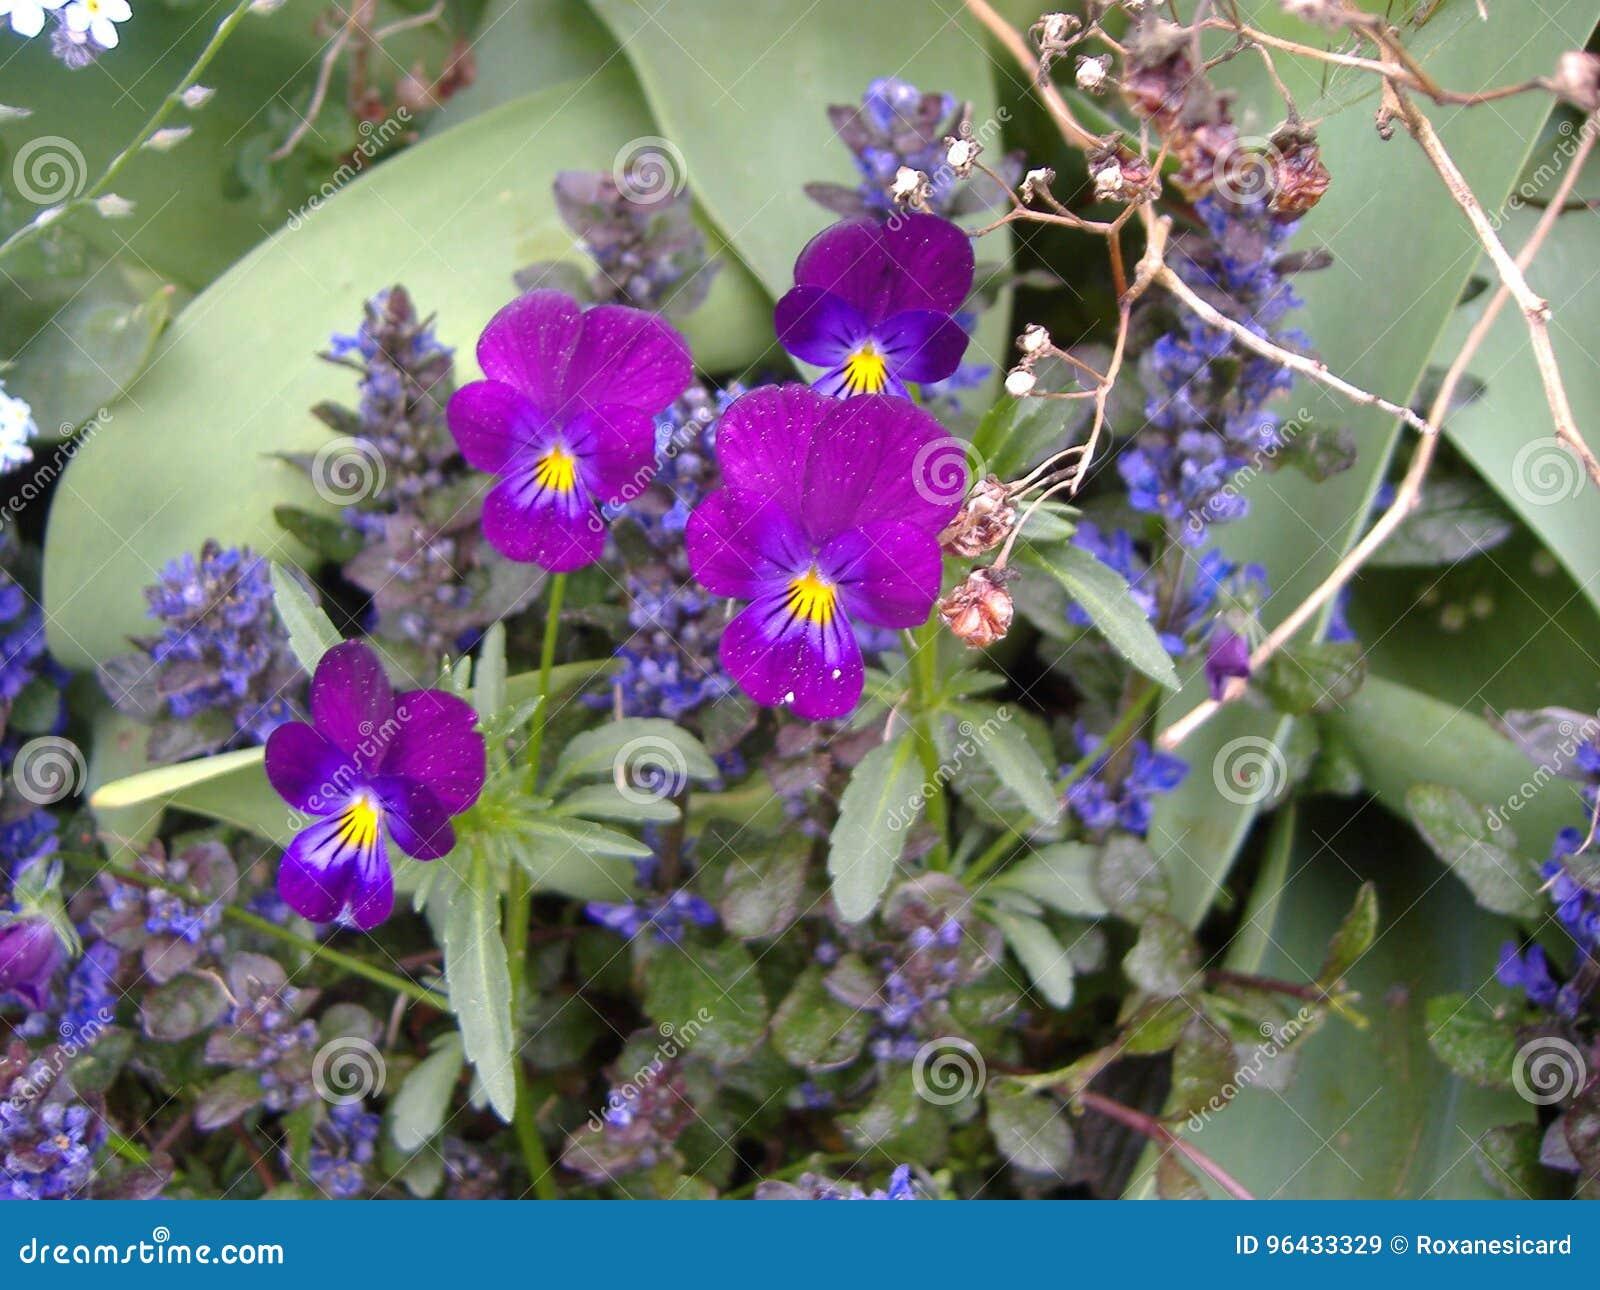 Jacinthe En Fleur Flower Stock Image Image Of Little 96433329